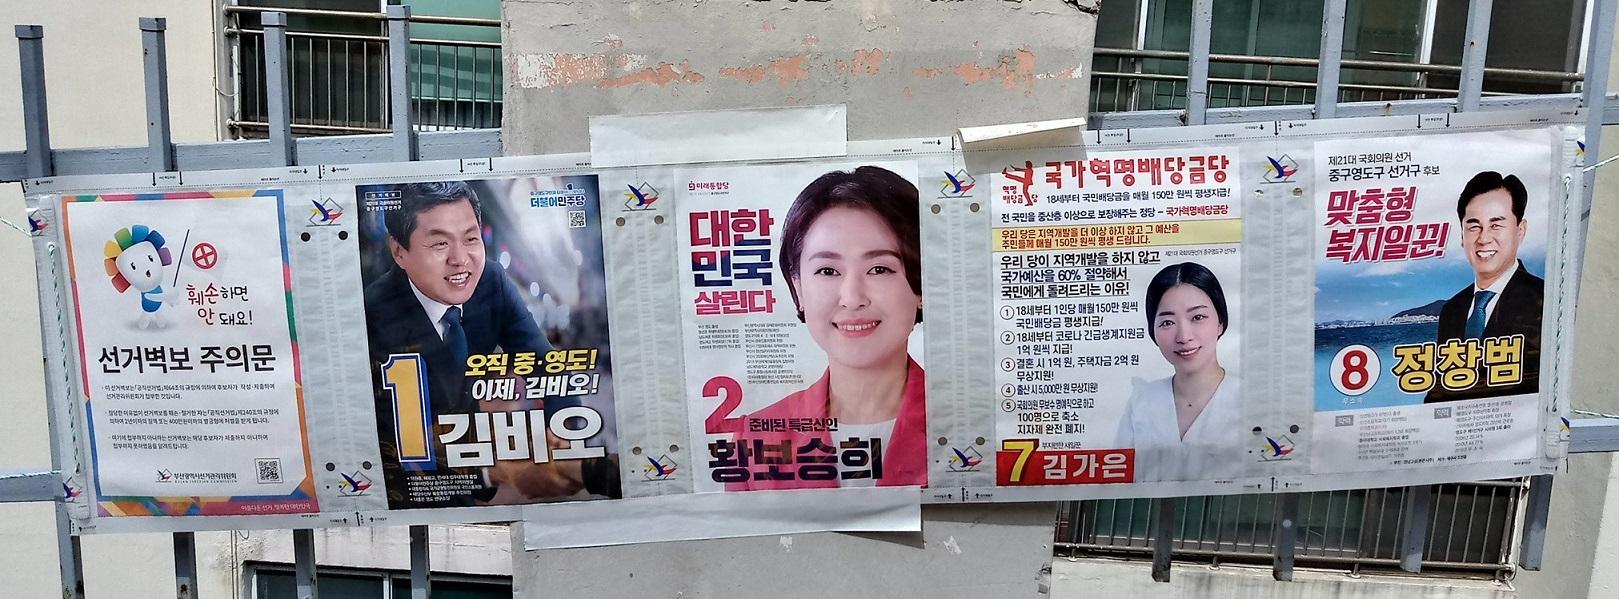 Carteles de elecciones en Corea